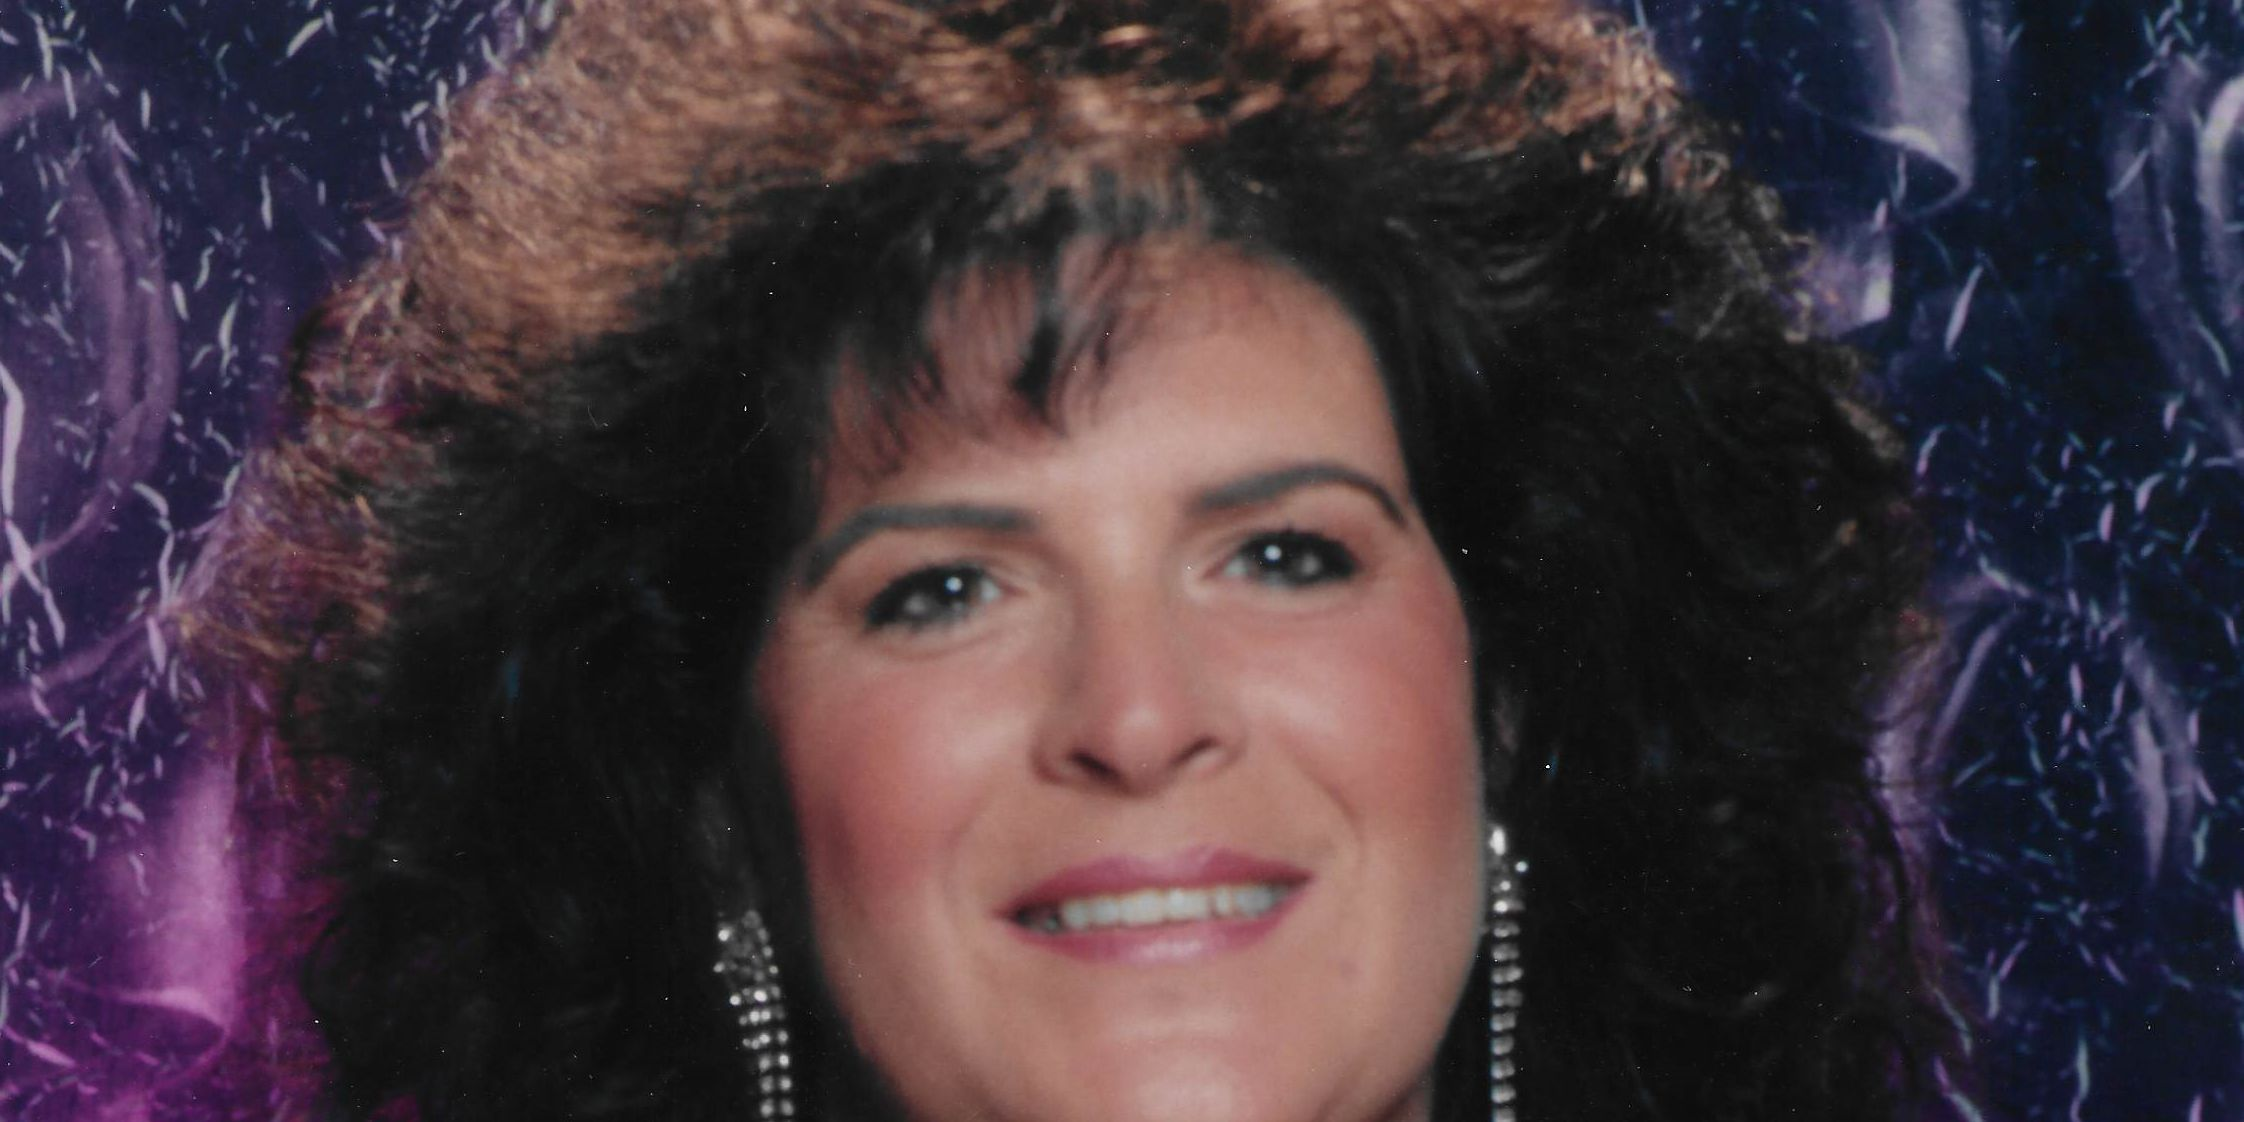 Martha L. Gotham, 66, of Ogdensburg